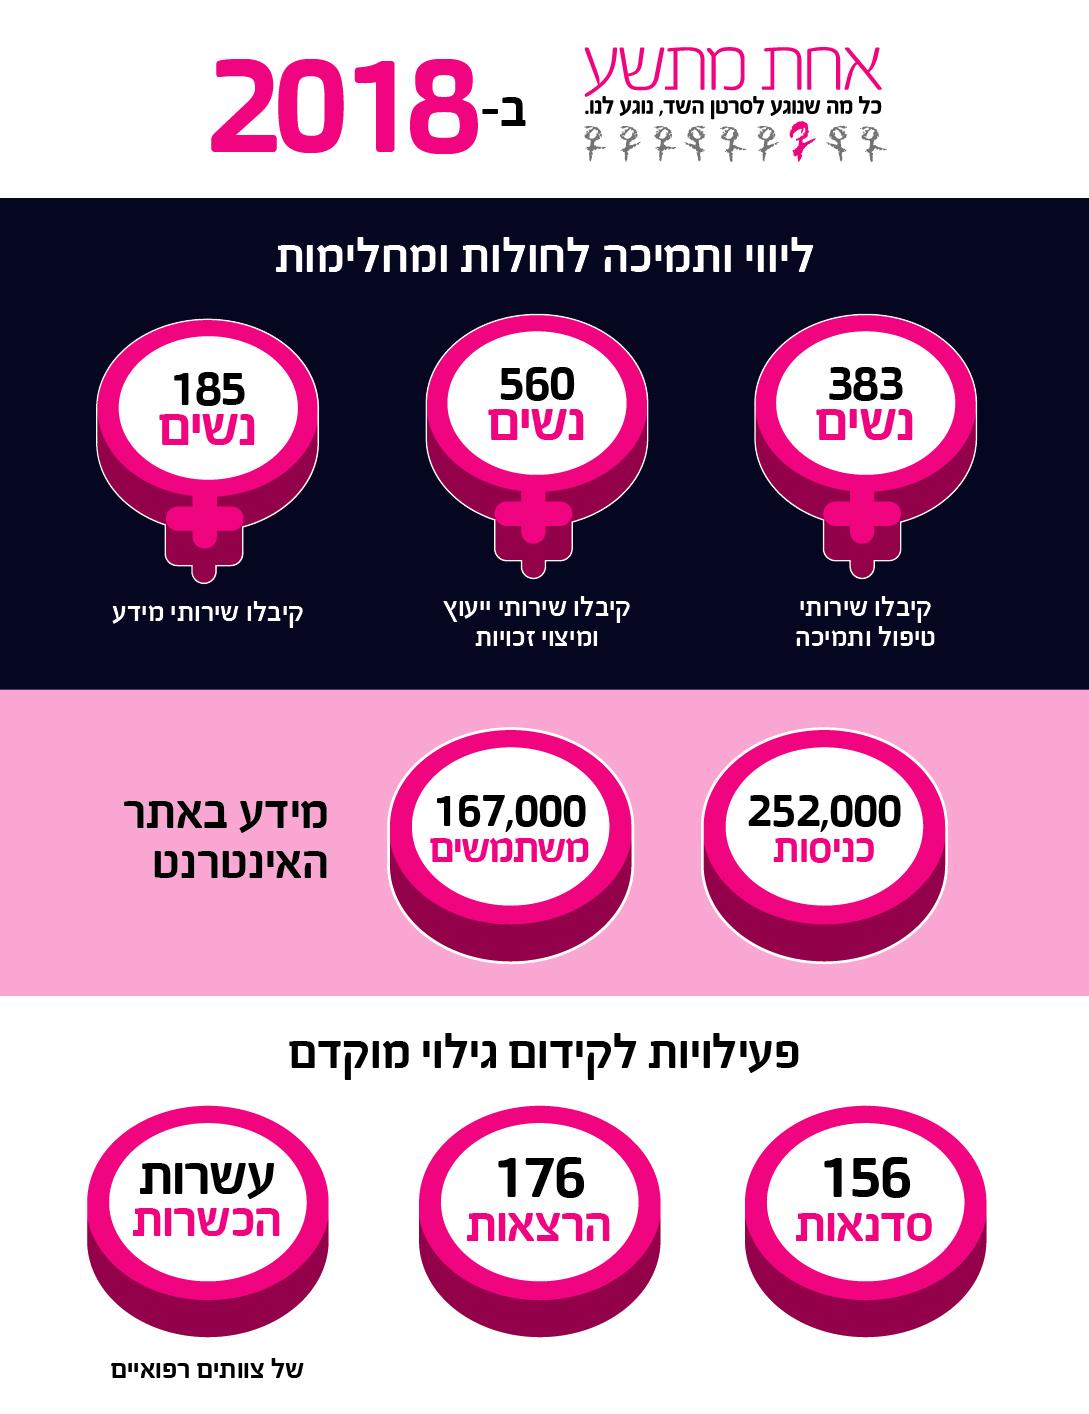 סיכום פעילות אחת מתשע ב - 2018: 383 נשים קיבלו שירותי טיפול ותמיכה; 560 נשים קיבלו שירותי מיצוי זכויות; 185 נשים קיבלו שירותי מידע; כ - 252,000 כניסות לאתר, כ - 167,000 משתמשים; פעילות גילוי מוקדם: 156 סדנאות, 176 הרצאות ועשרות הכשרות לצוותים רפואיים